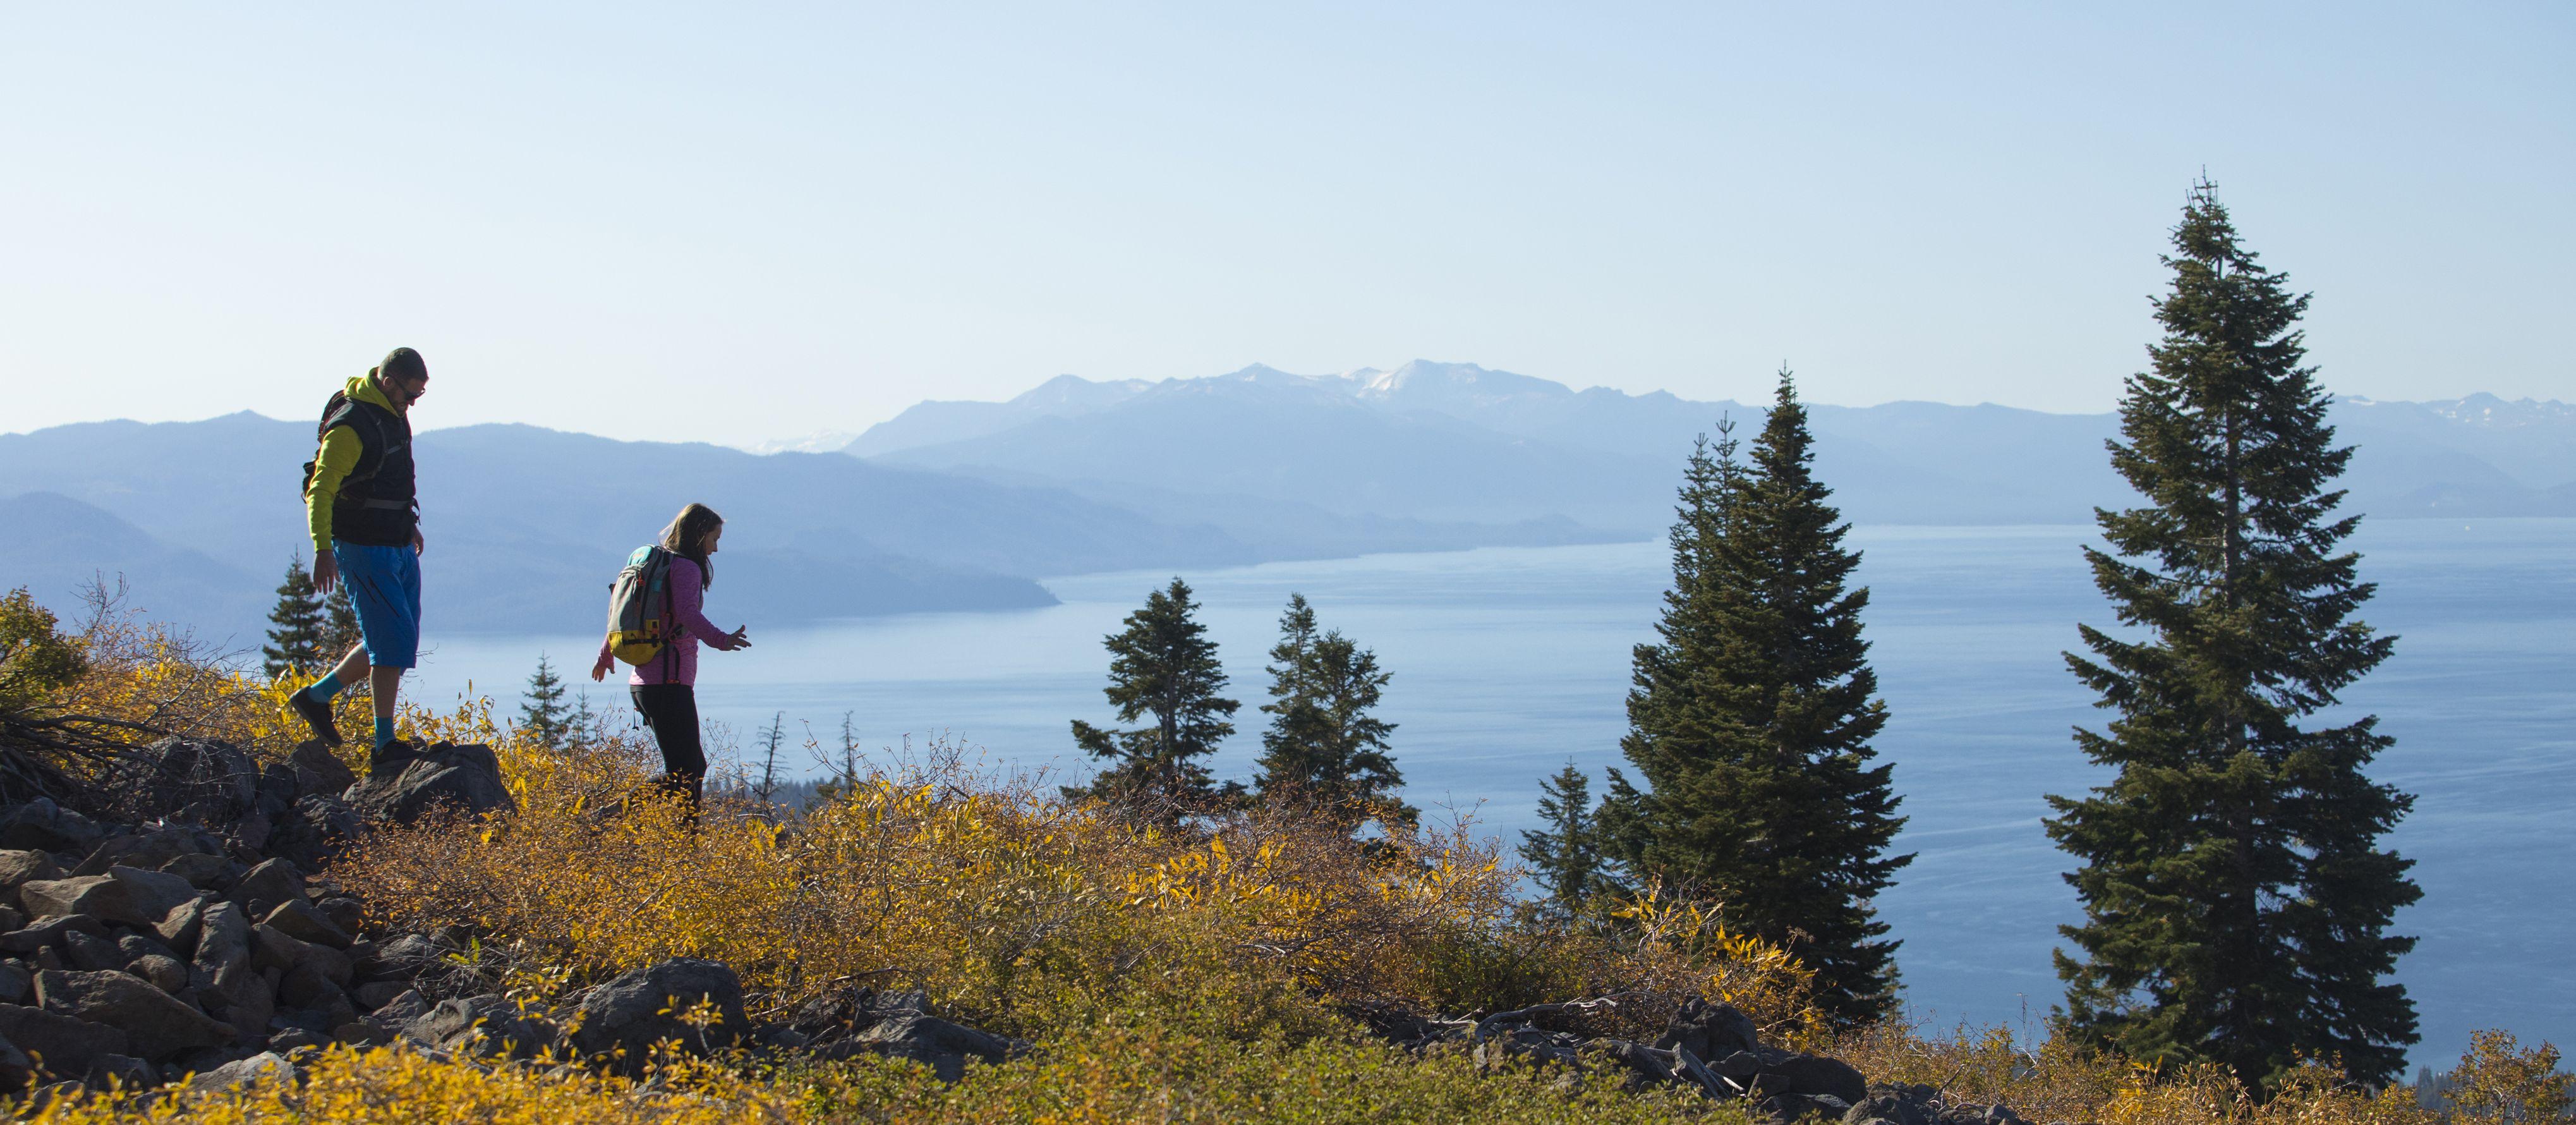 Wandern in der hügeligen Landschaft im Norden des Lake Tahoe in Kalifornien